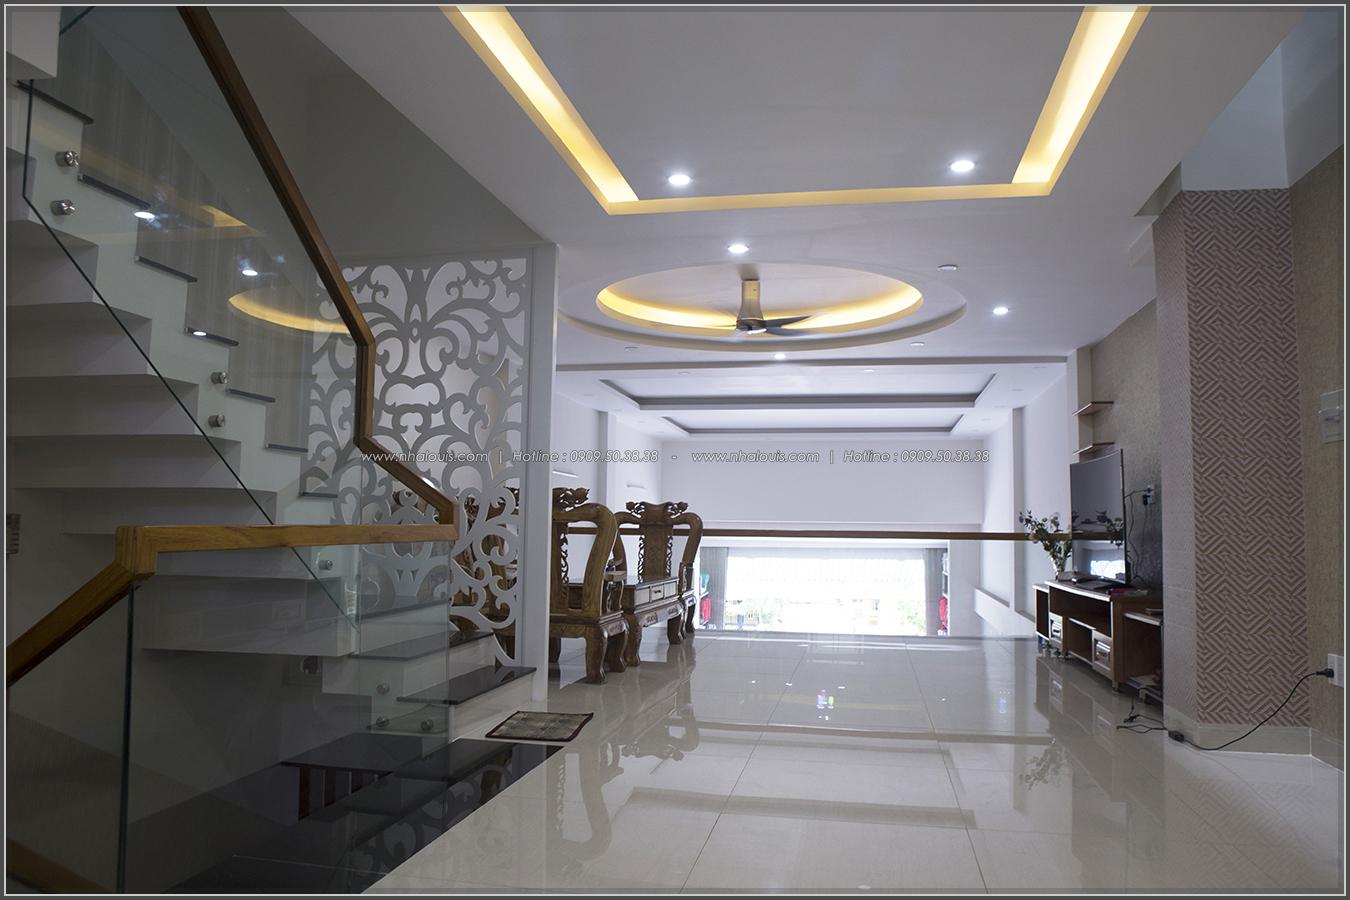 Thi công nhà đẹp 3 tầng mặt tiền 5m kết hợp kinh doanh tại quận 8 - 07